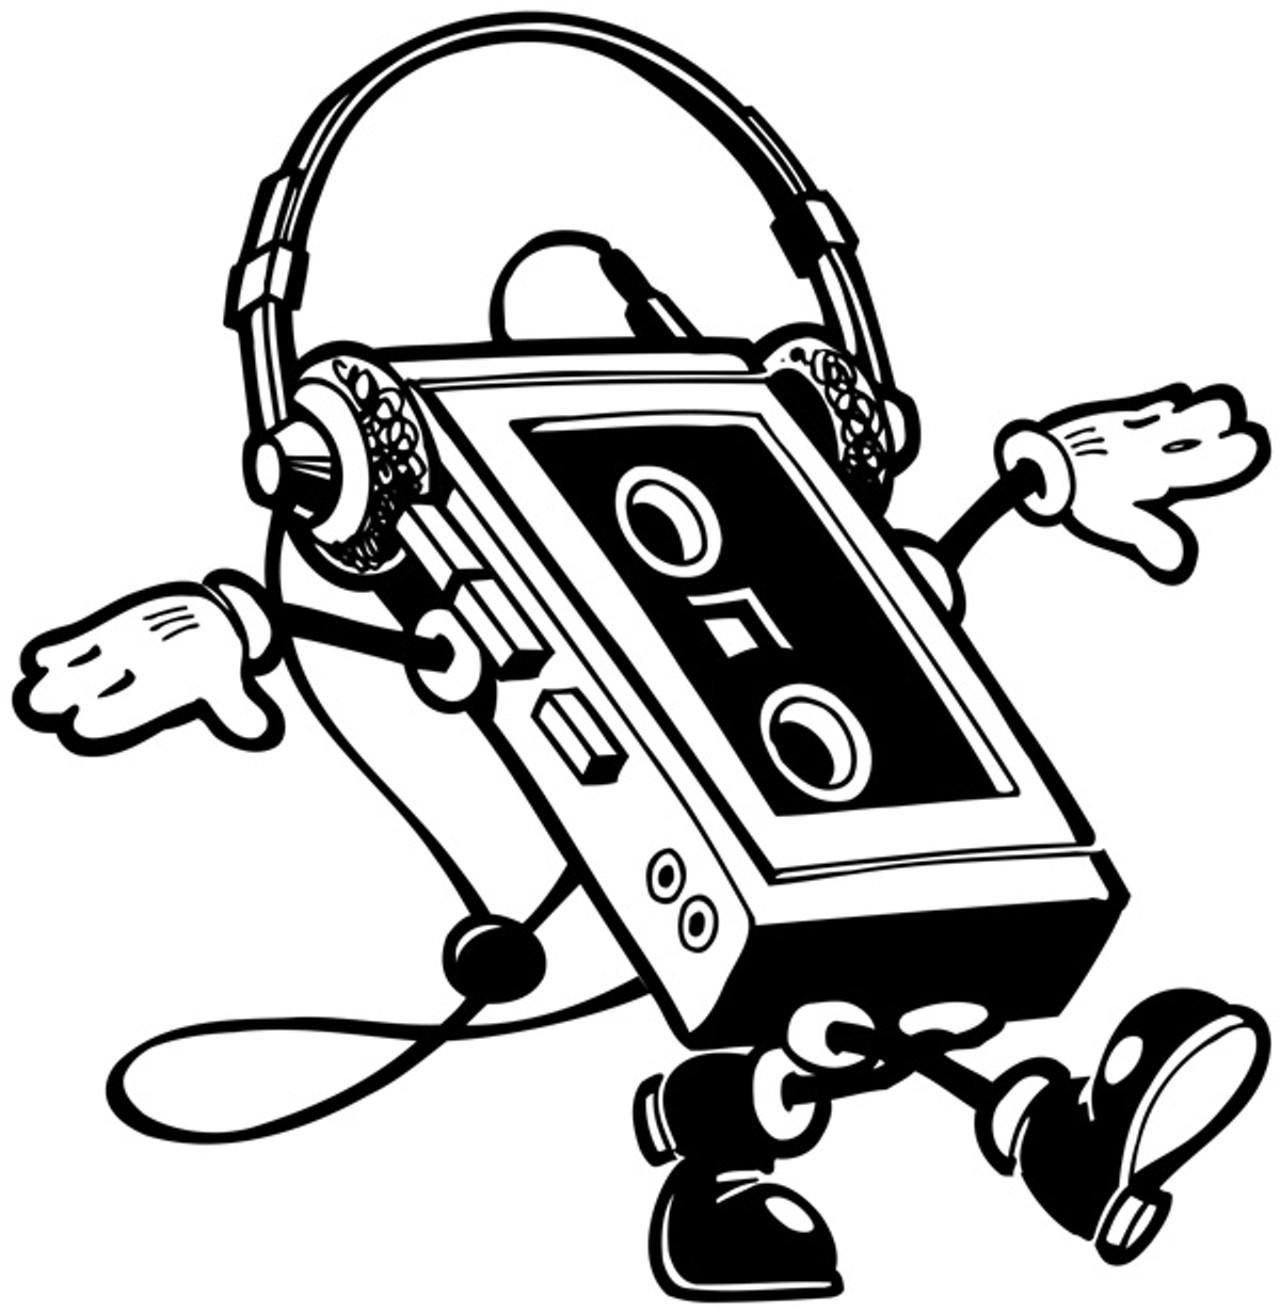 Ode To The Walkman In Memorium